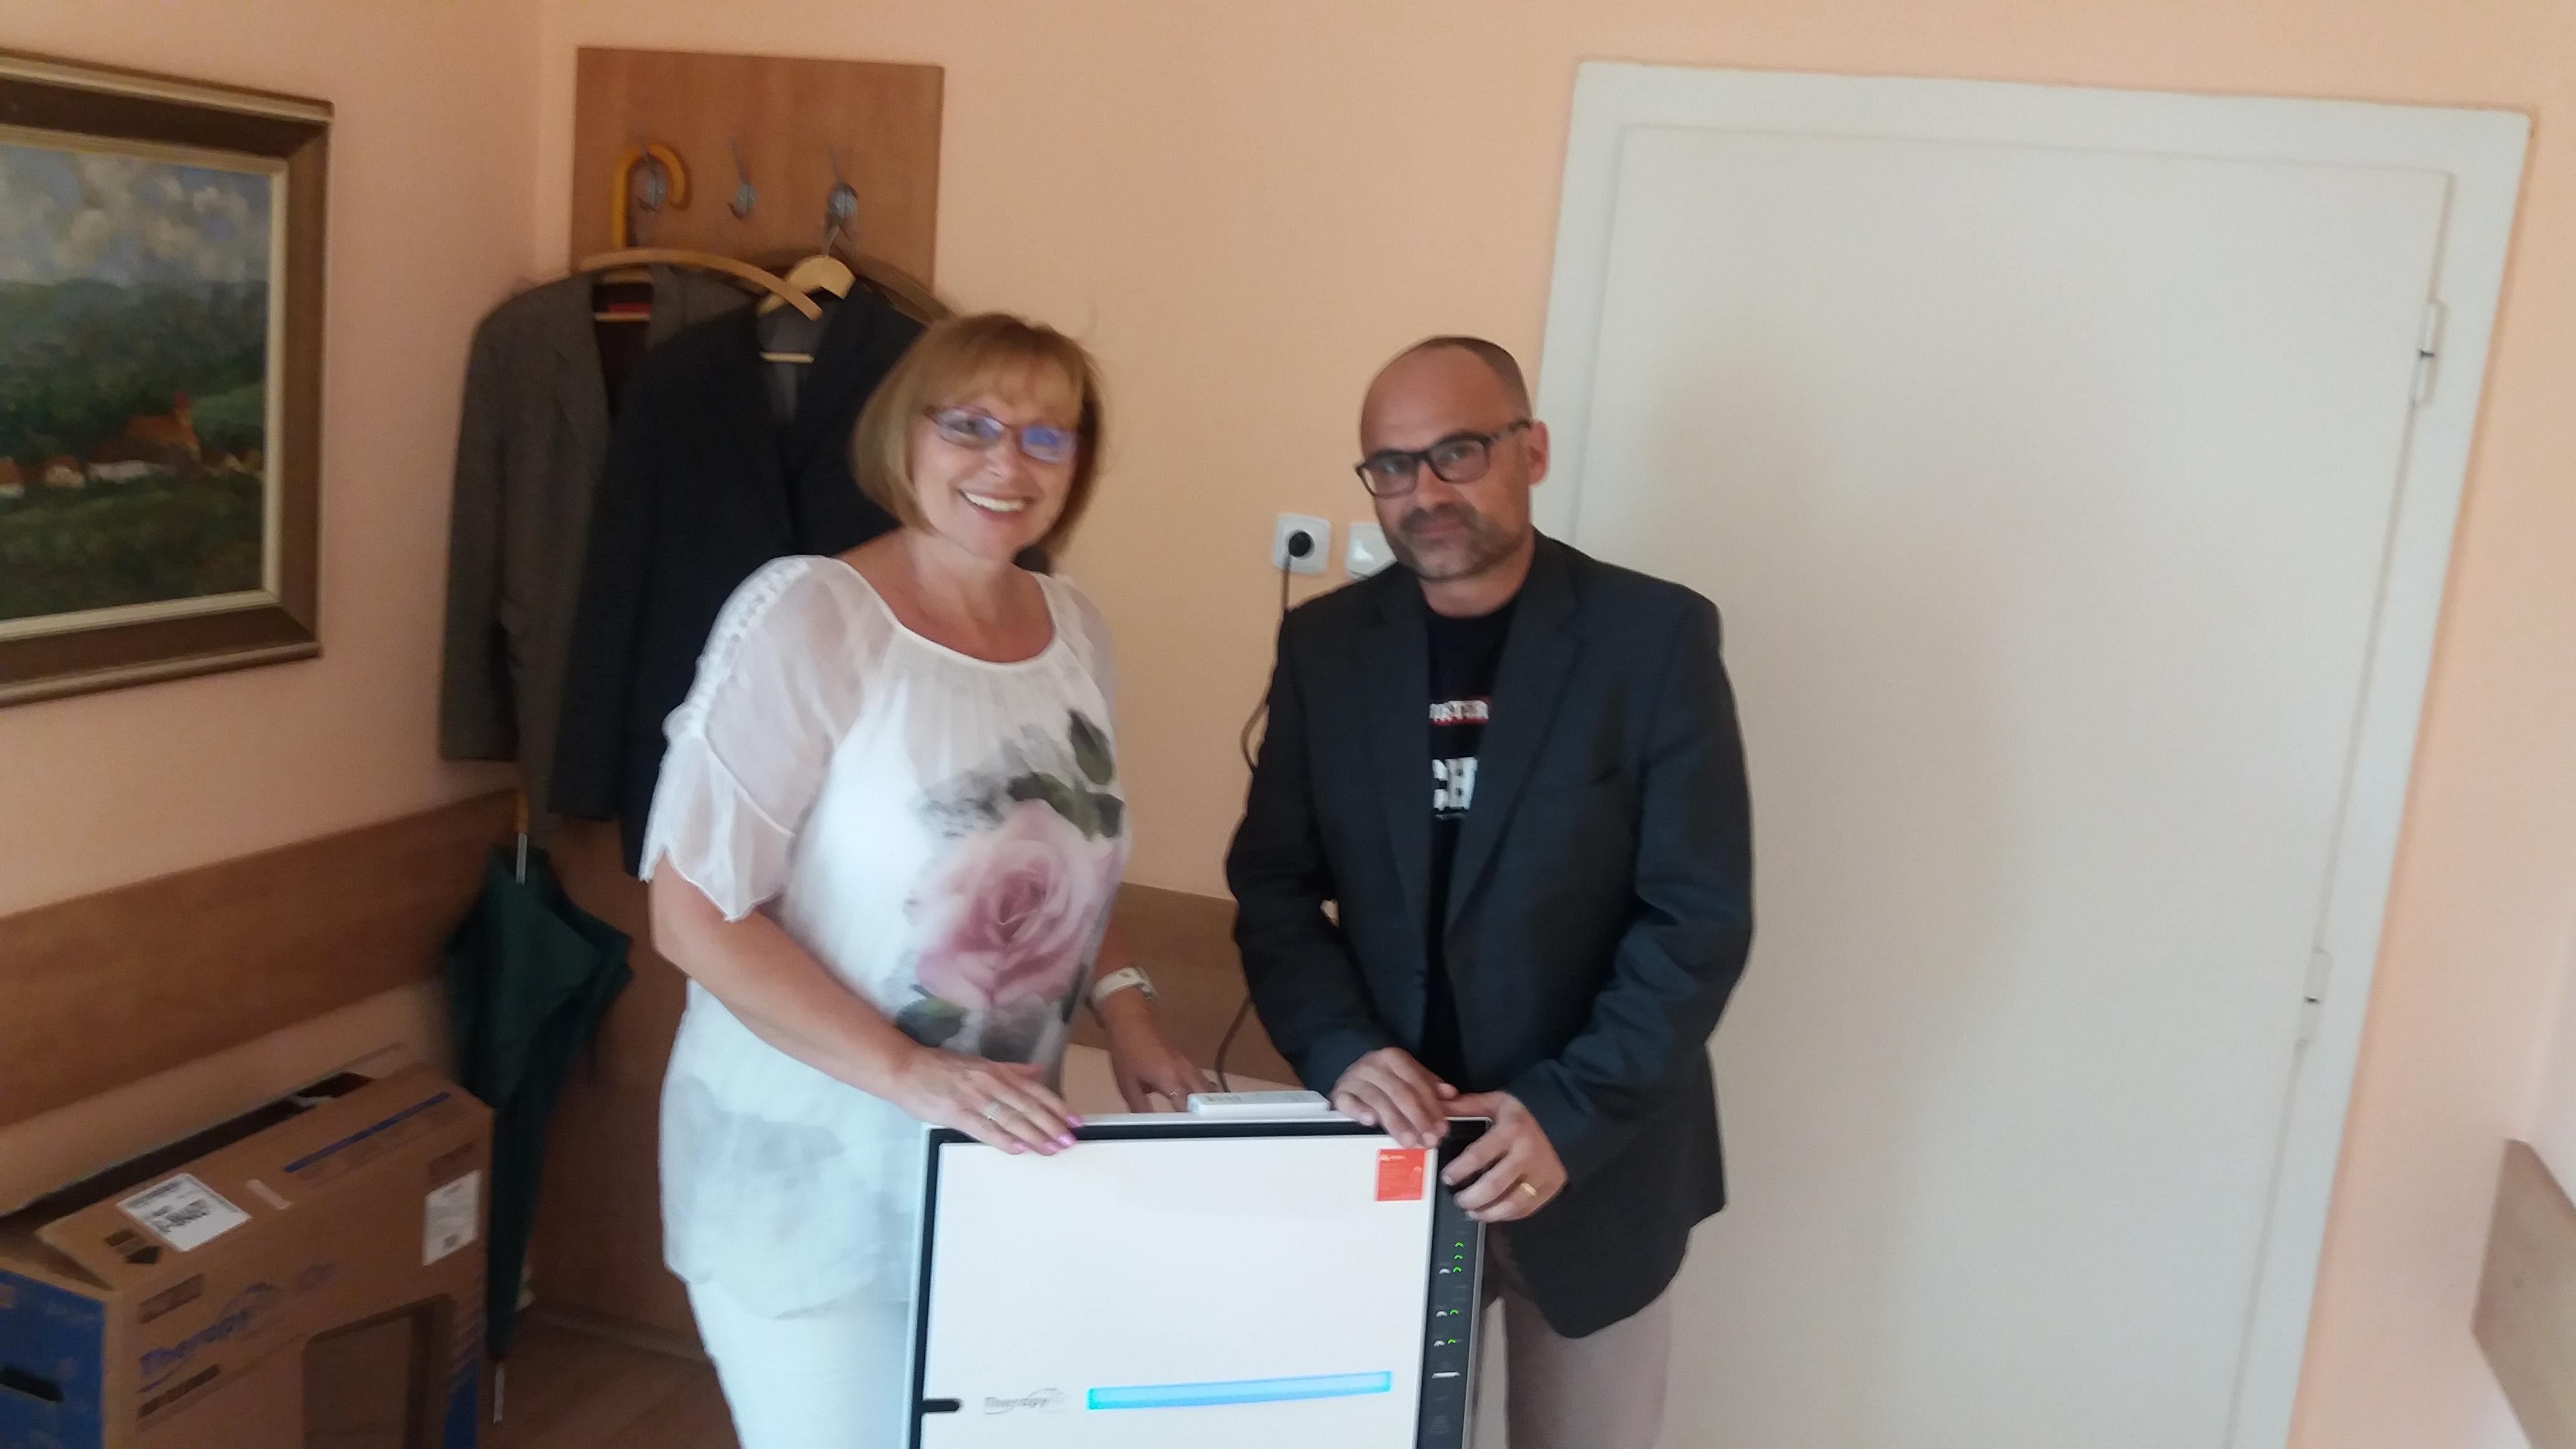 Darovali jsme čističku vzduchu do Domova důchodců Český Dub